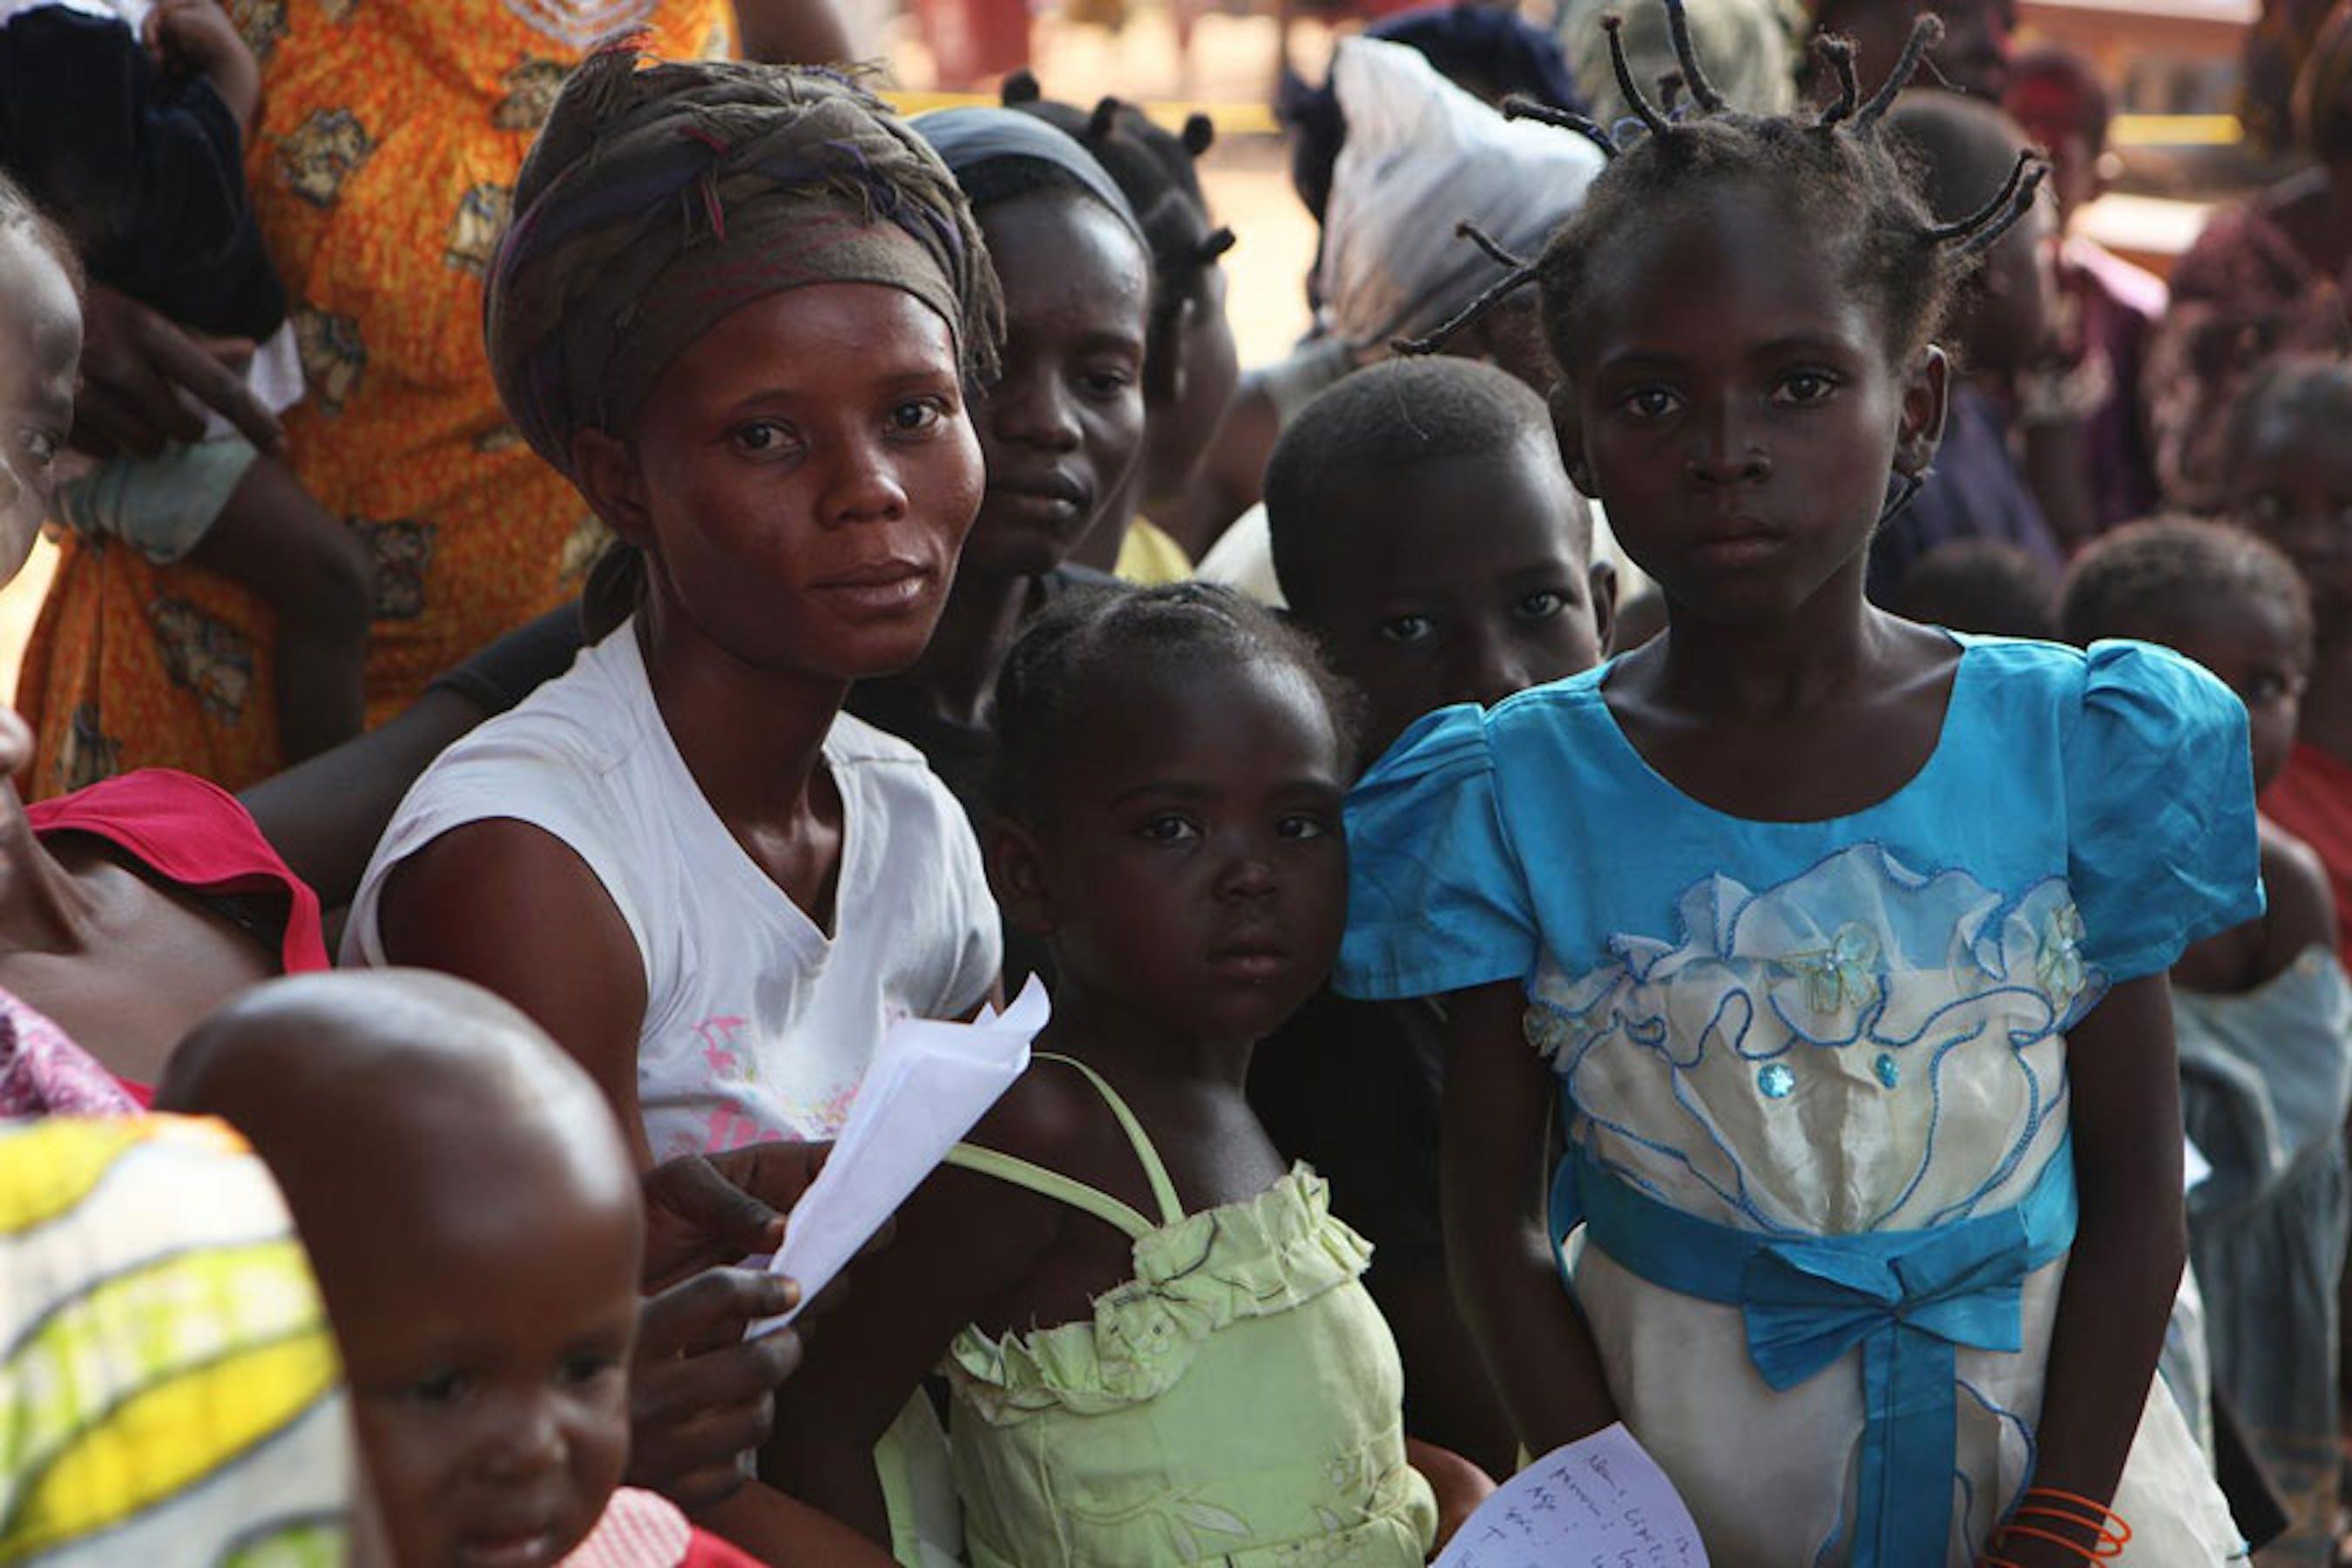 Donne e bambini accampati all'esterno della chiesa di Saint-Jacques a Bangui, capitale della Repubblica Centrafricana - ©UNICEF/NYHQ2013-1286/Pierre Terdjman